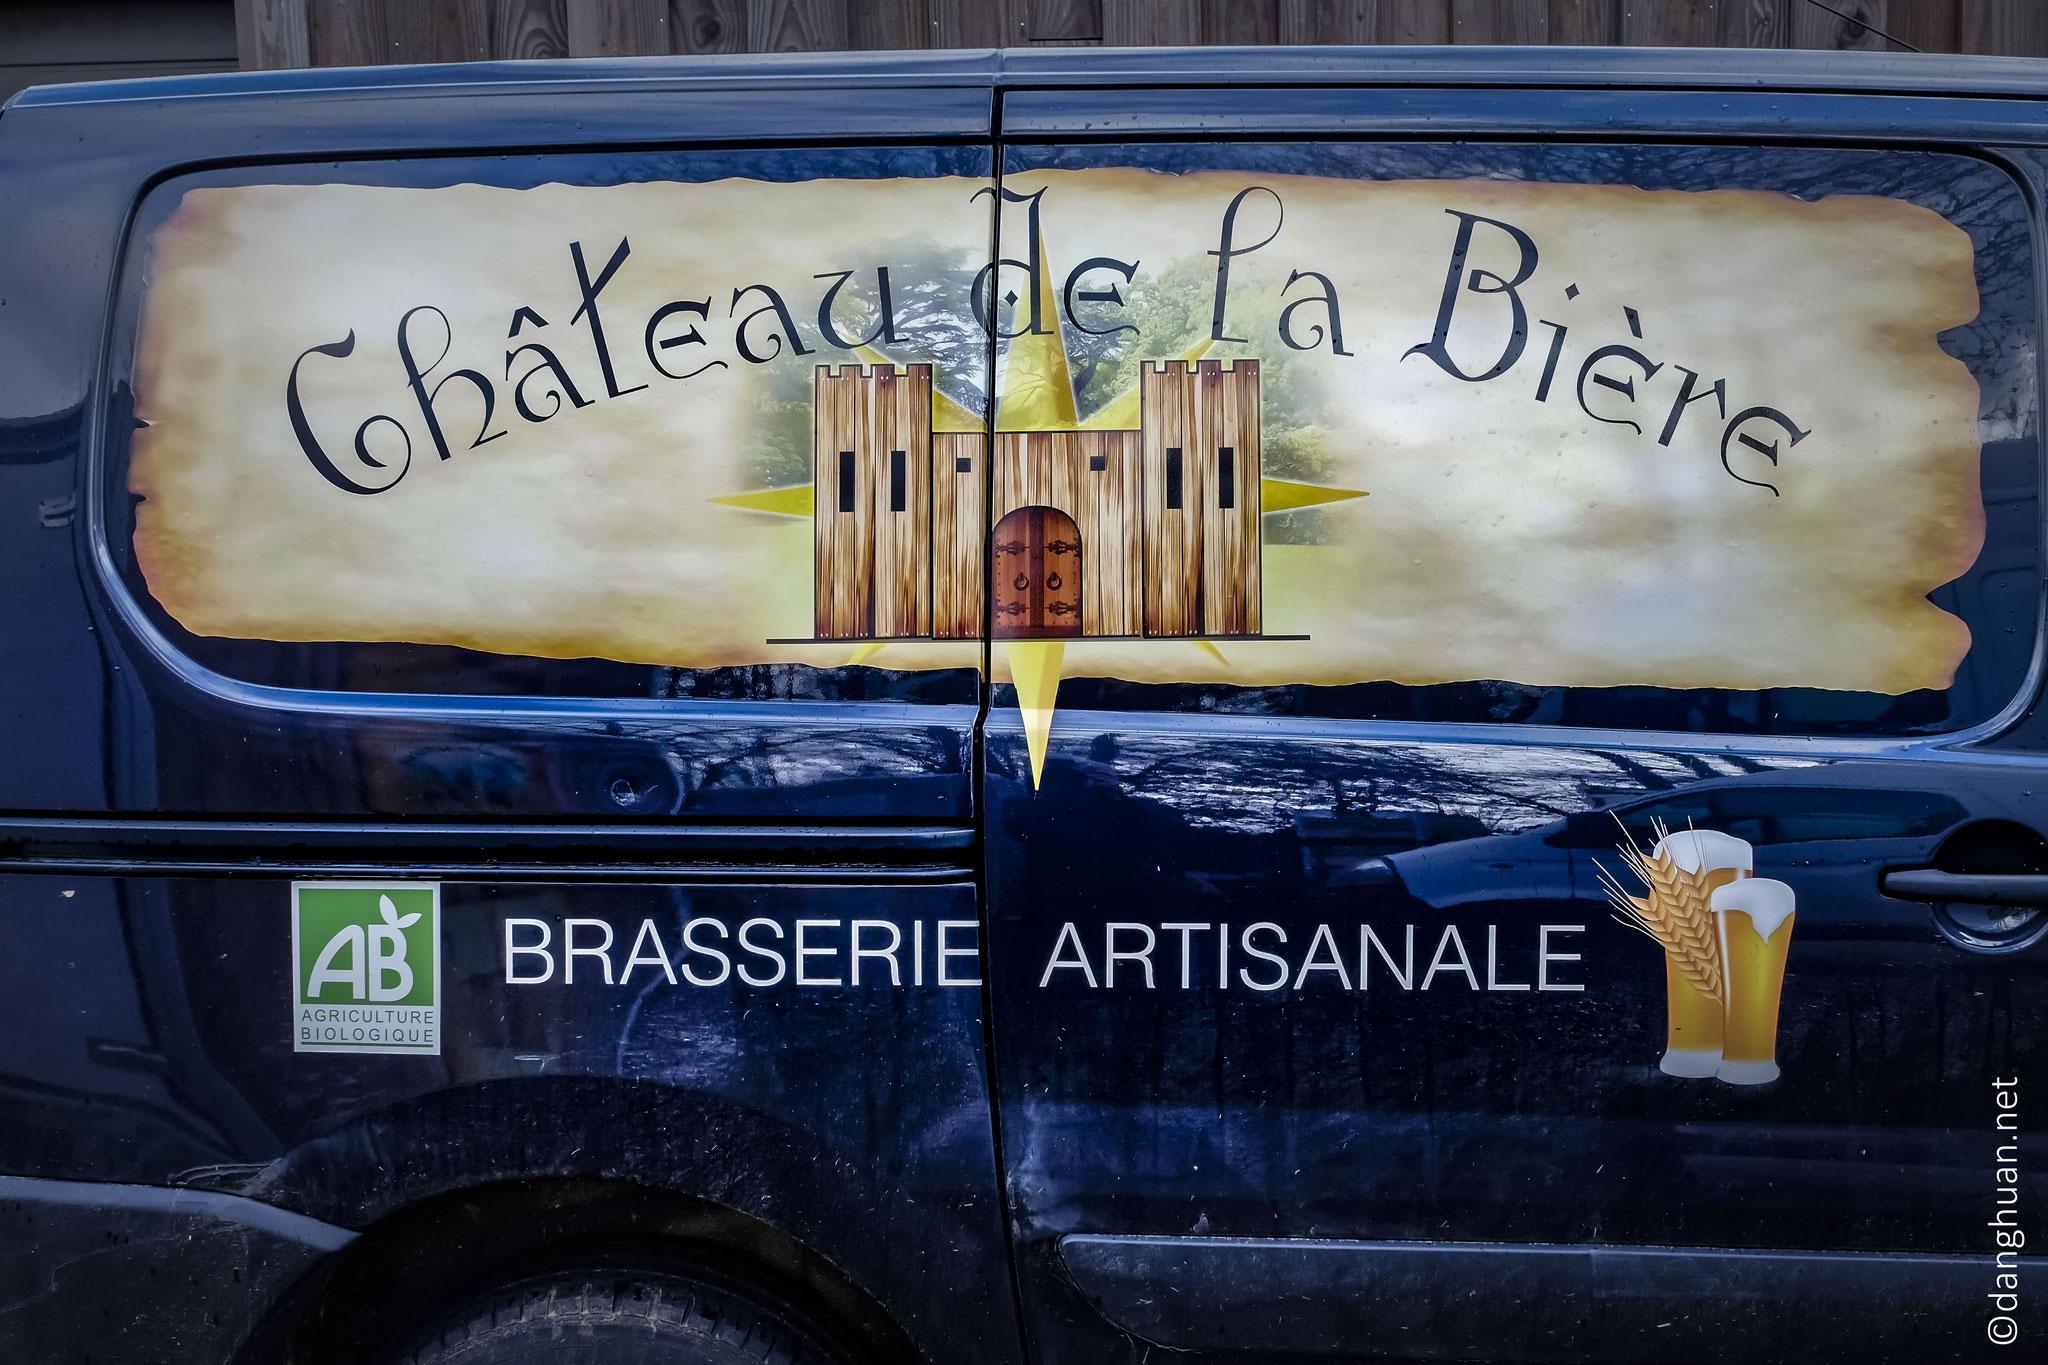 Fabrication de bière artisanale - les Brasseurs Donatien & Pascale LESELLIER à Lonlay-l'abbaye